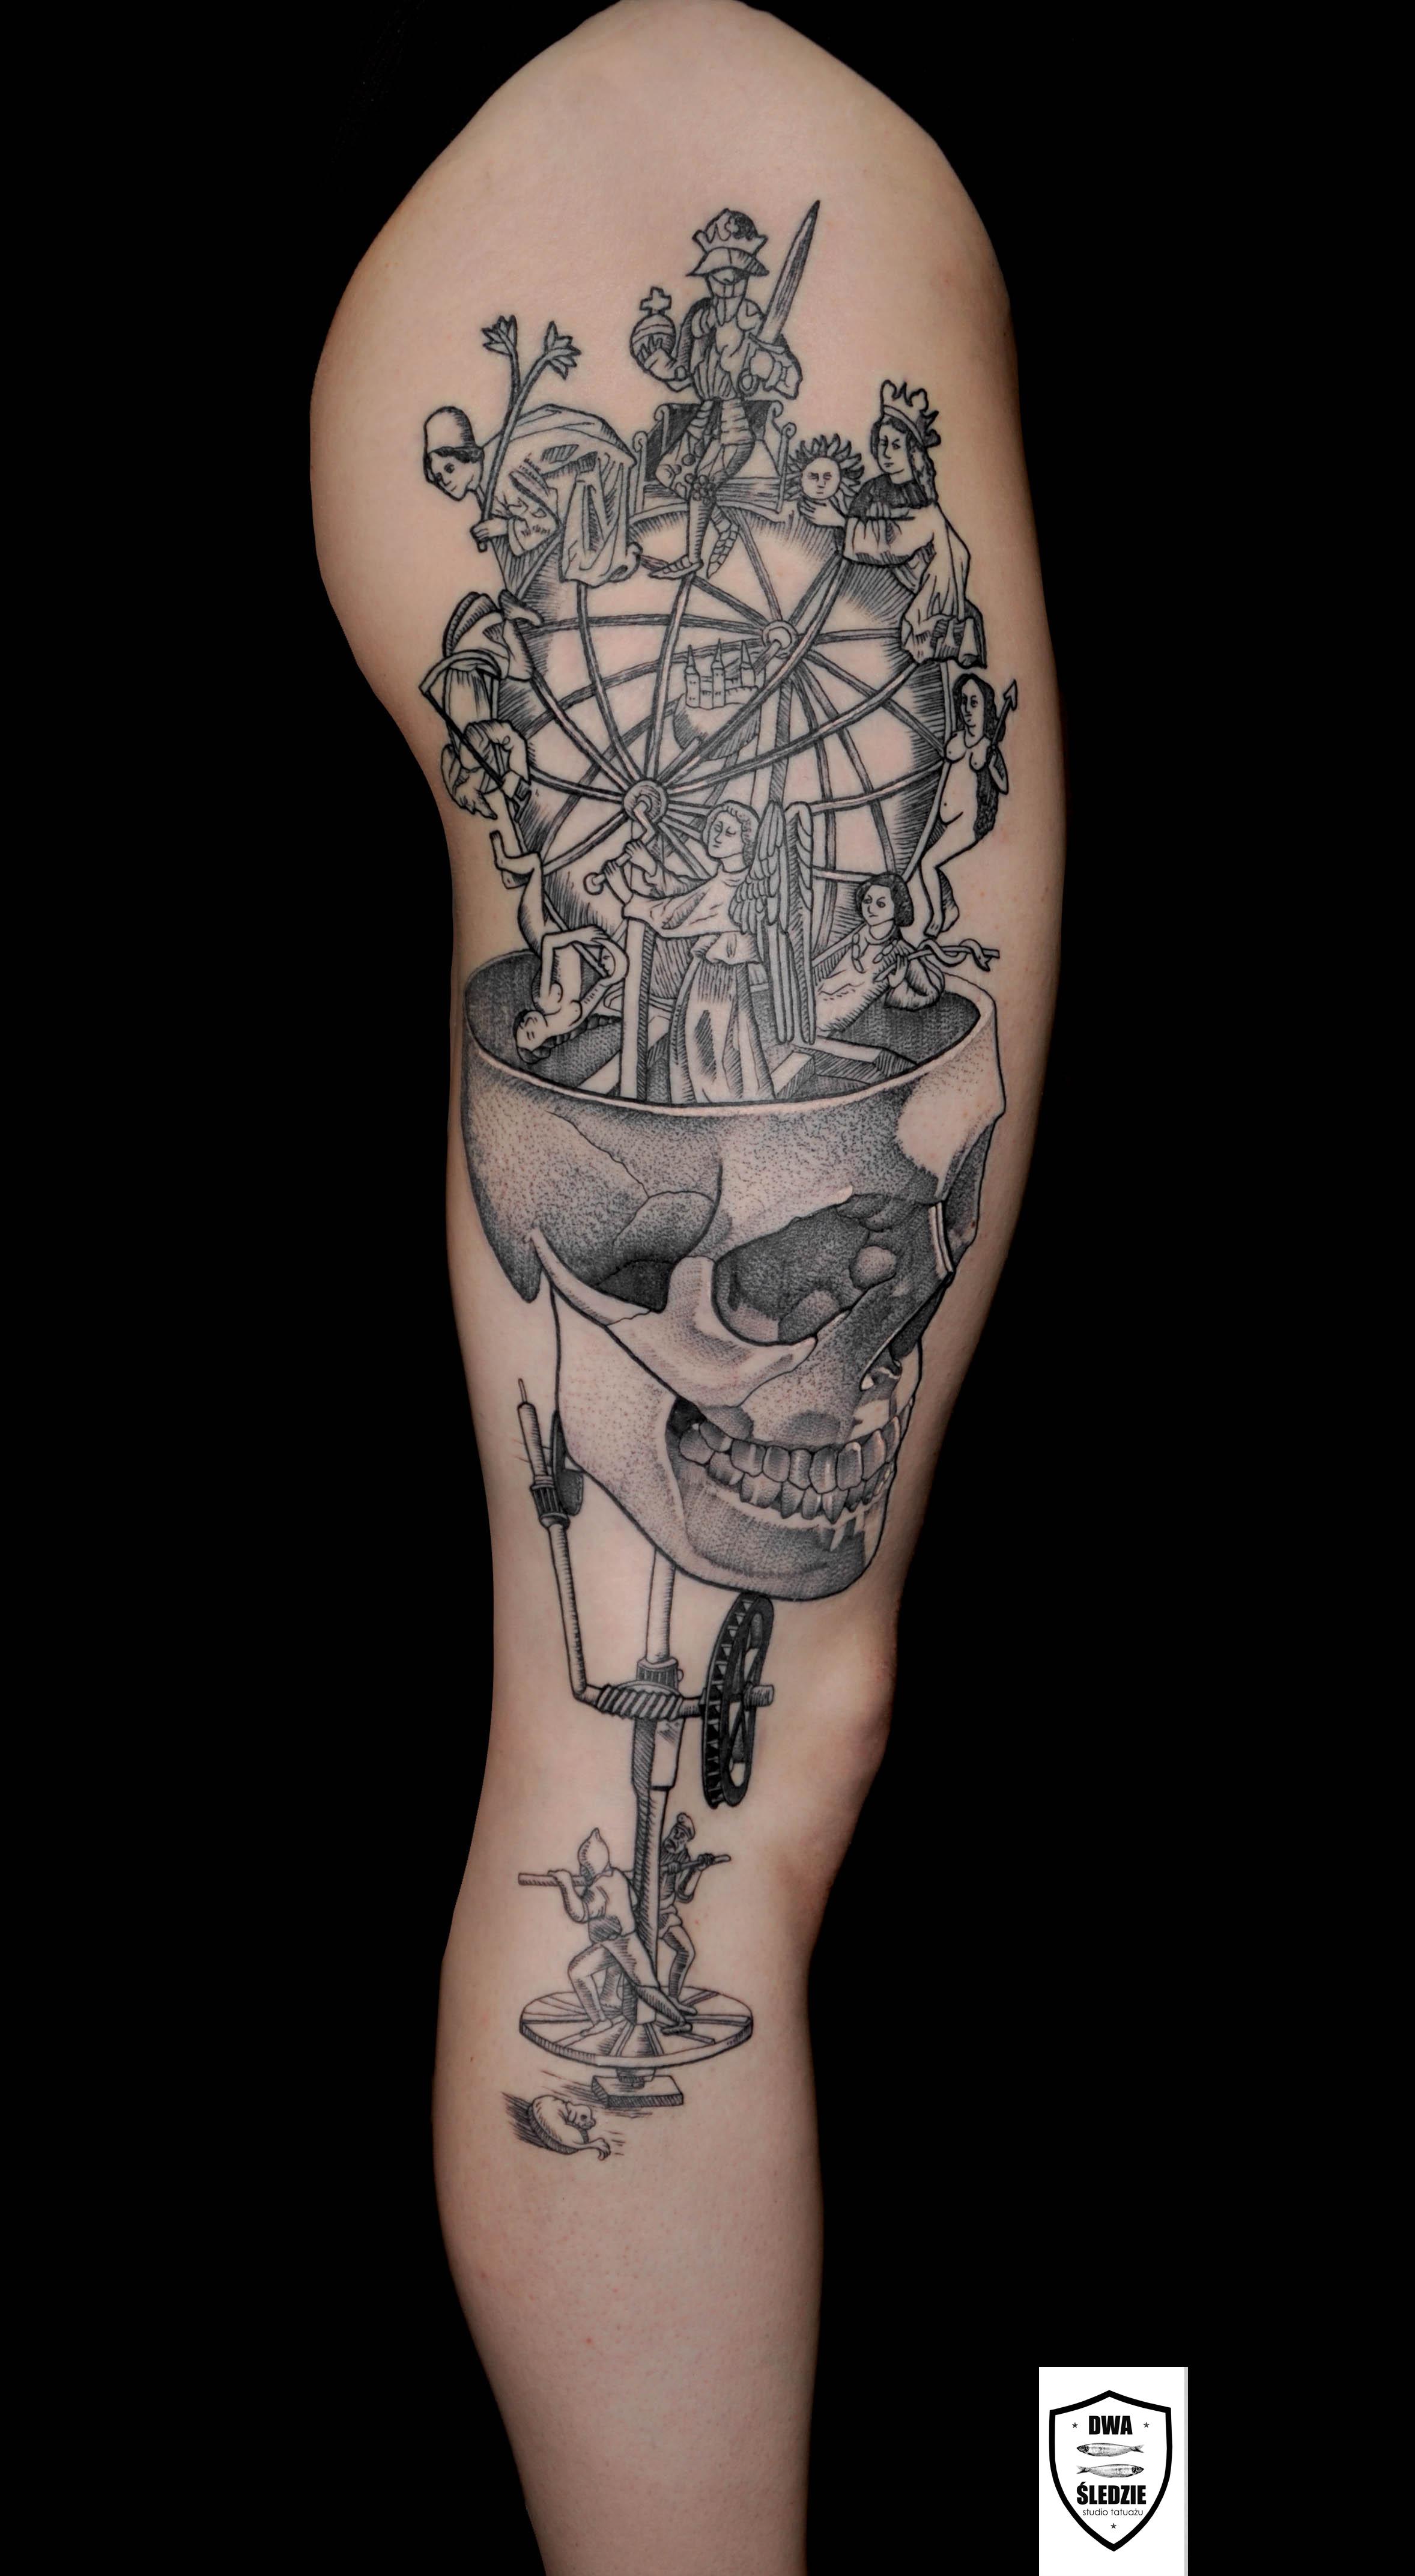 tatuaż graficzny, noga